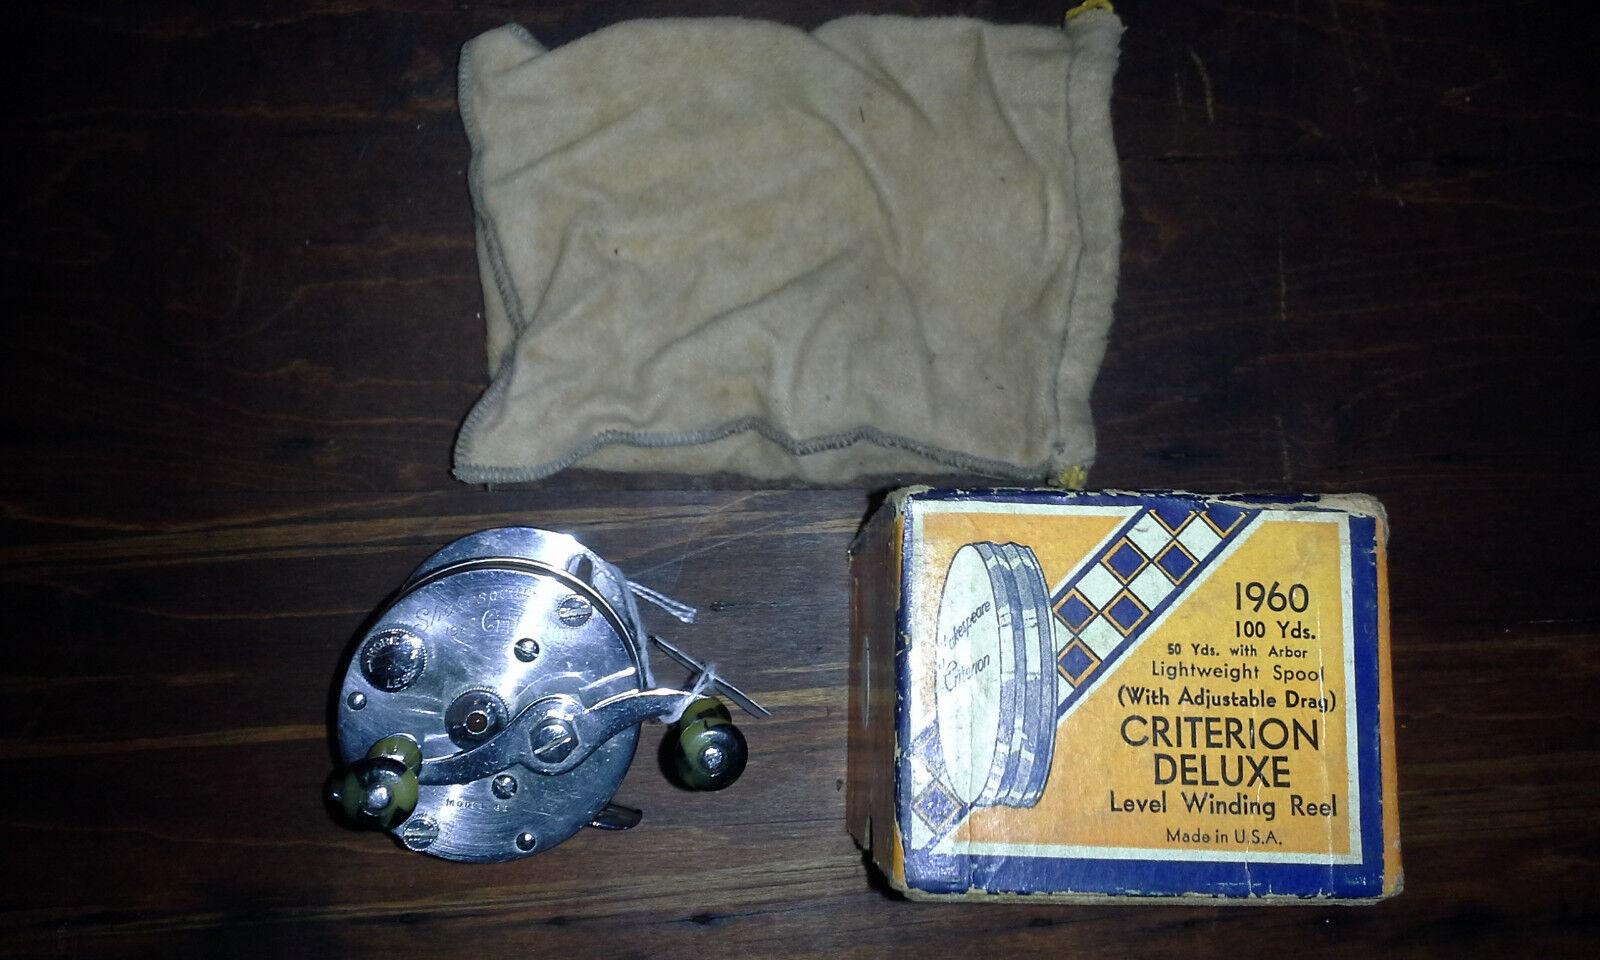 Vintage 1960 Shakespear Criterion  Model GE Fishing Reel Unused w Orig. Box